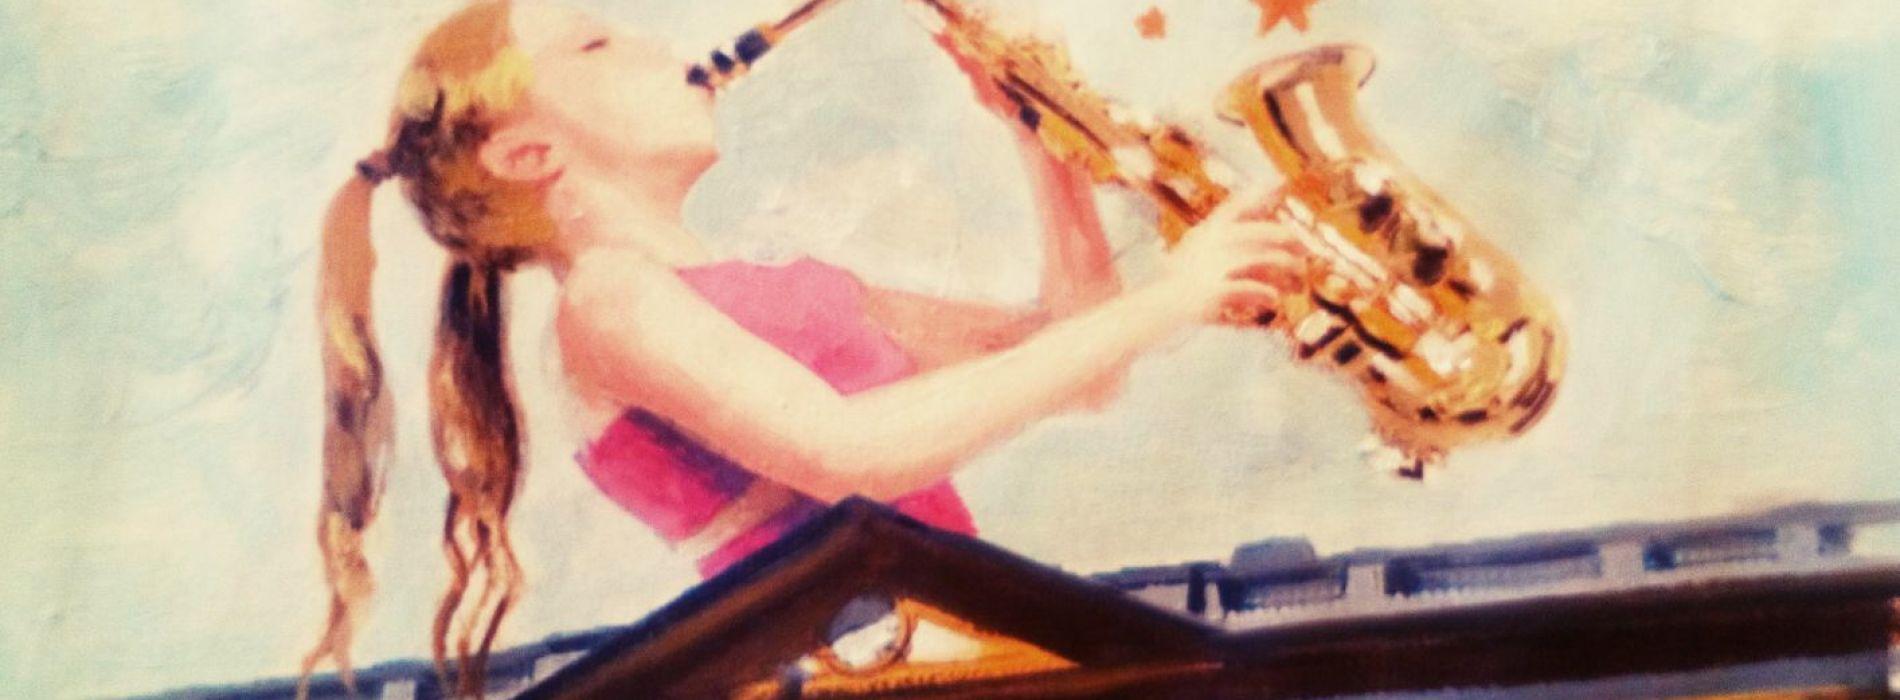 Caserta Jazz Festival, la rassegna sempre più made in Terronia